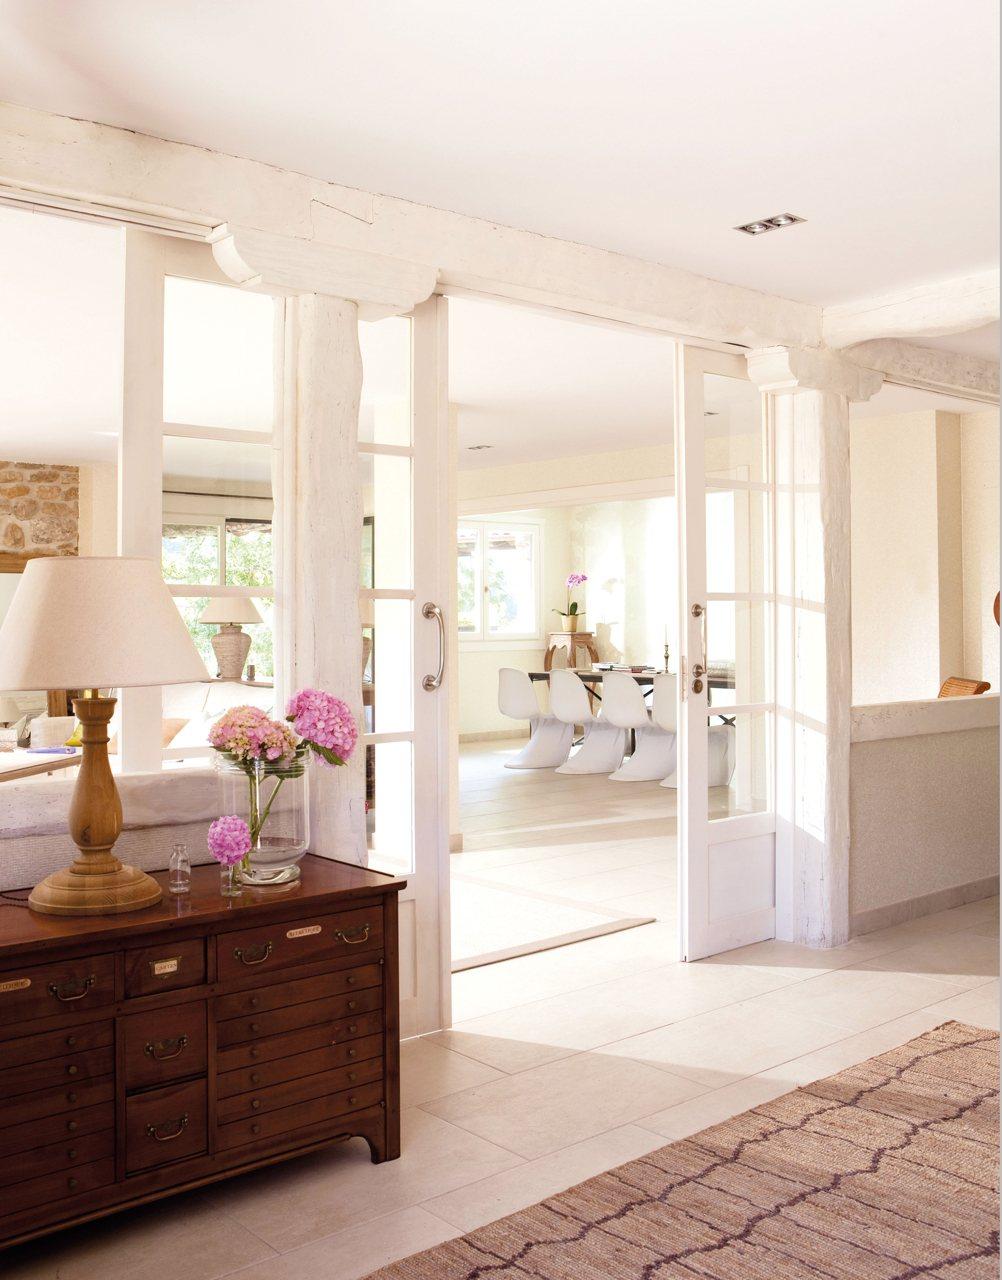 Instala paredes de cristal y gana luz y amplitud en casa - Puertas comedor ...